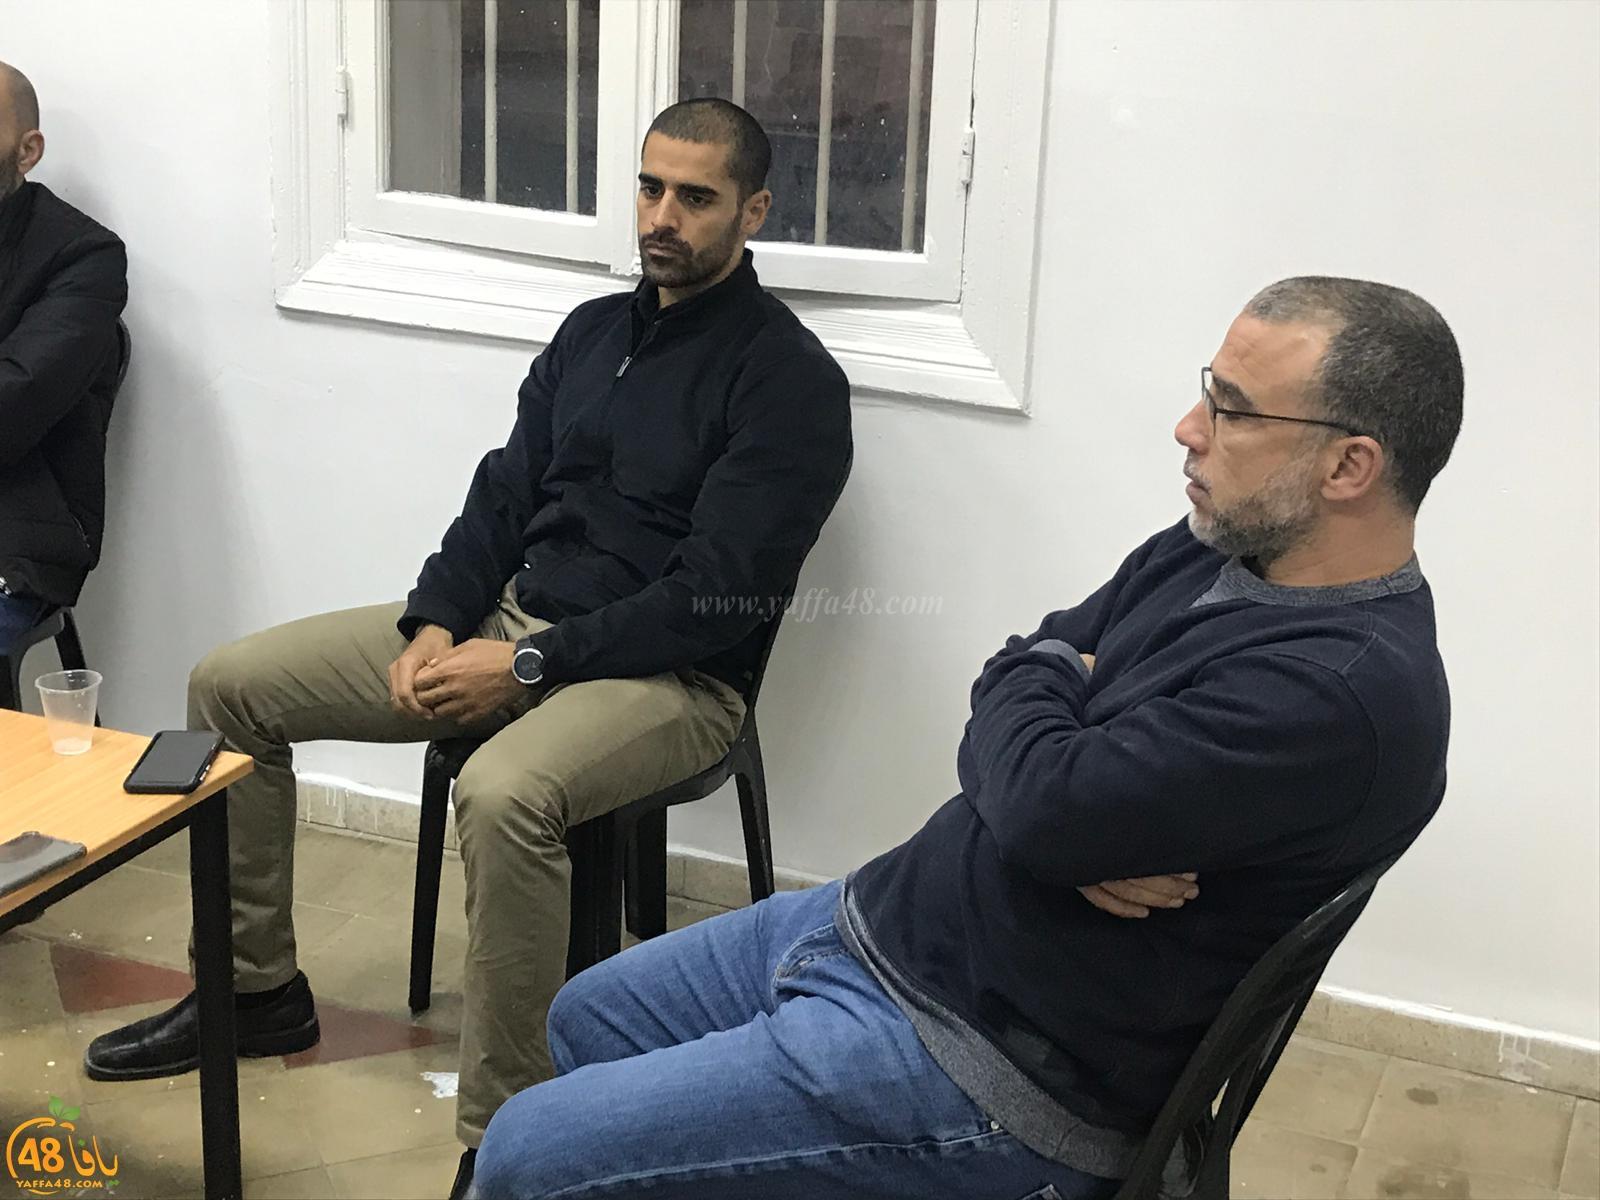 بالصور: اجتماع في النادي الاسلامي لبحث الميزانية السنوية وزيادة النشاطات